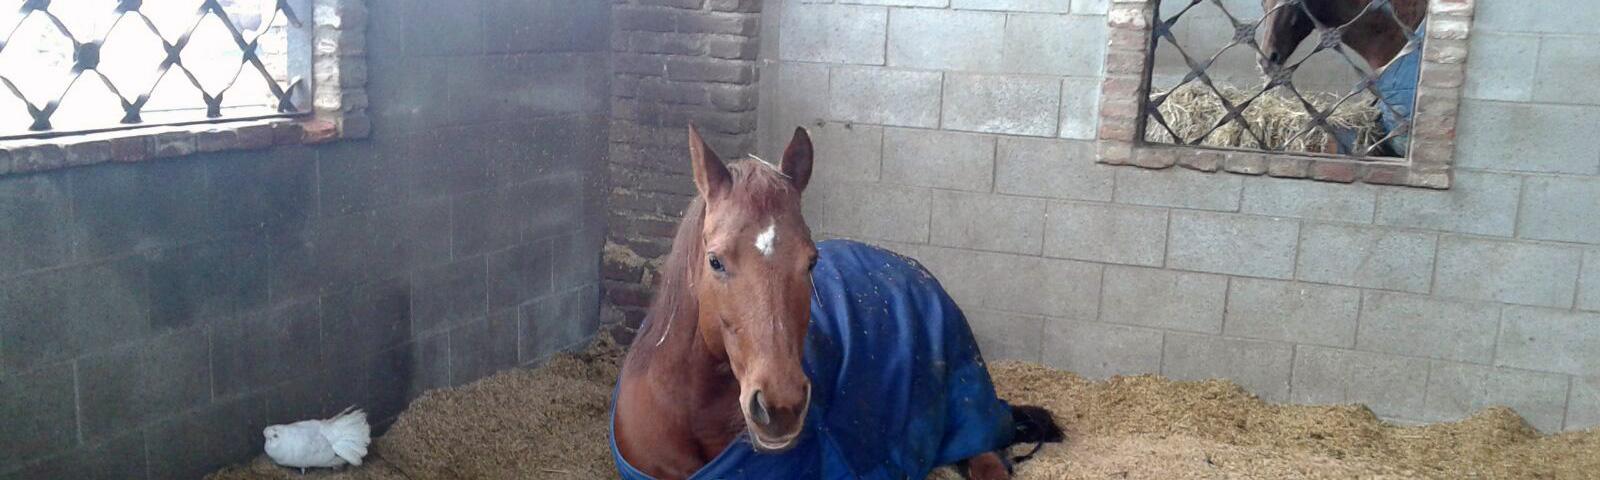 Pensione cavalli scuderizzazione in box e paddock